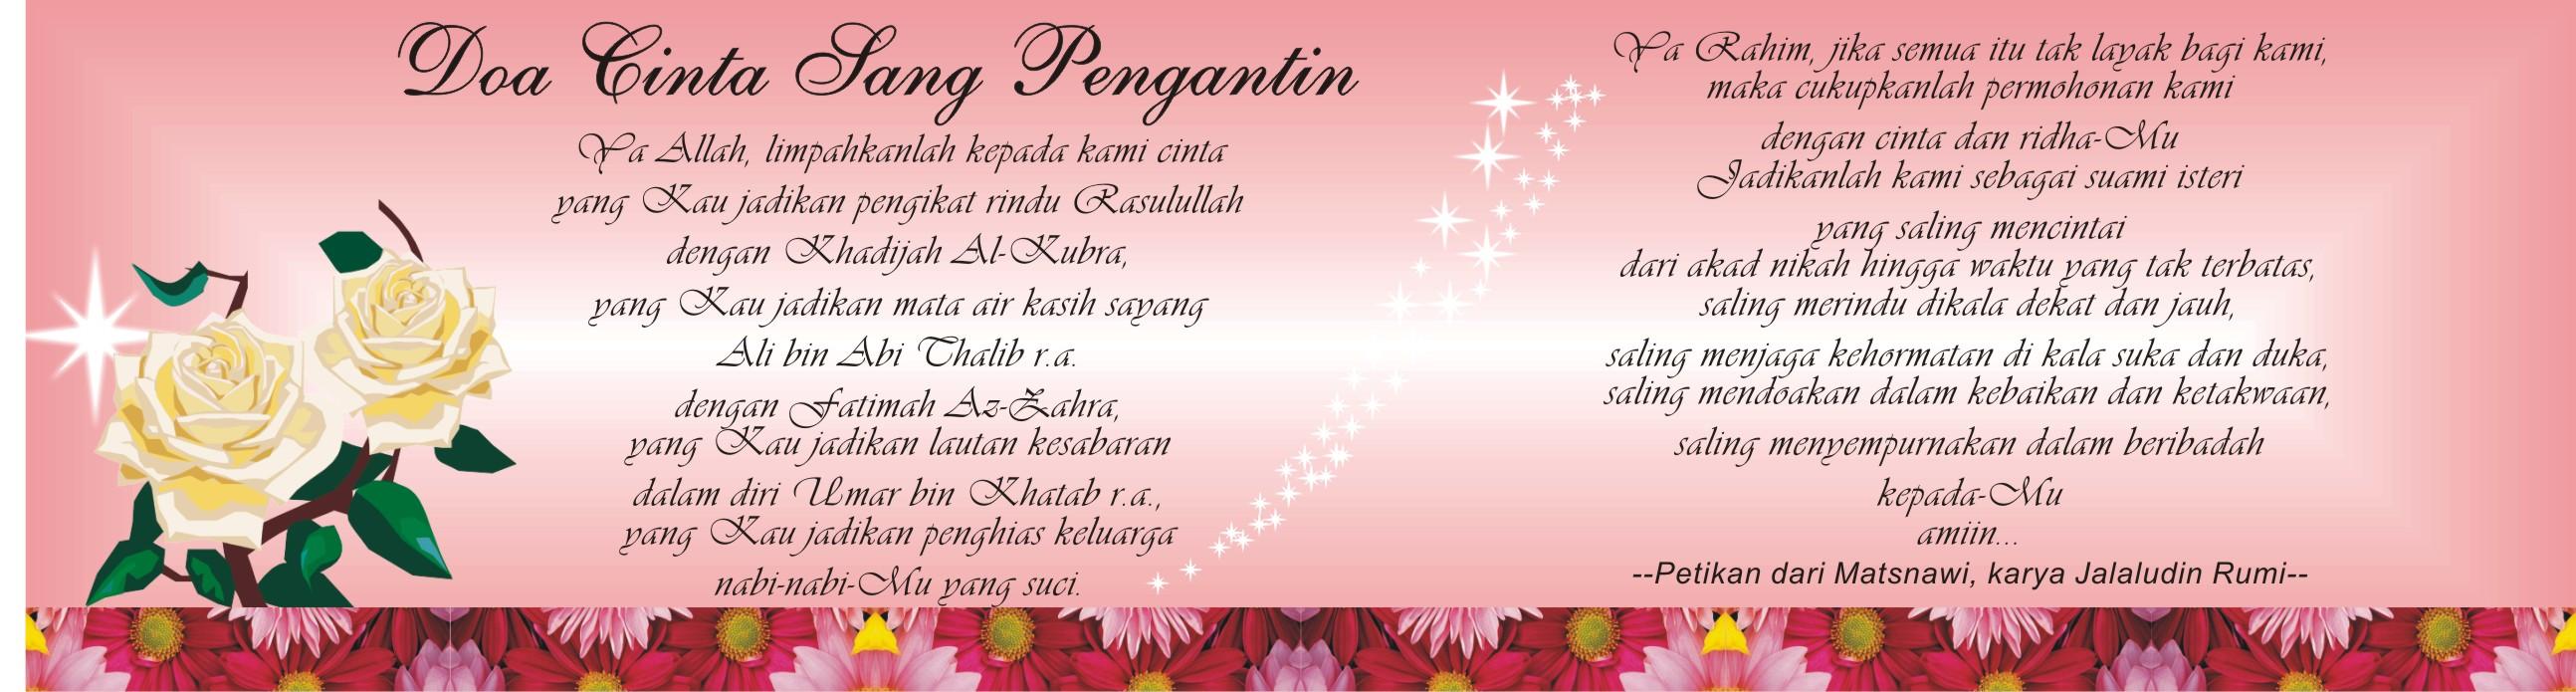 Doa Contoh Undangan Pernikahan Unik 085220795095